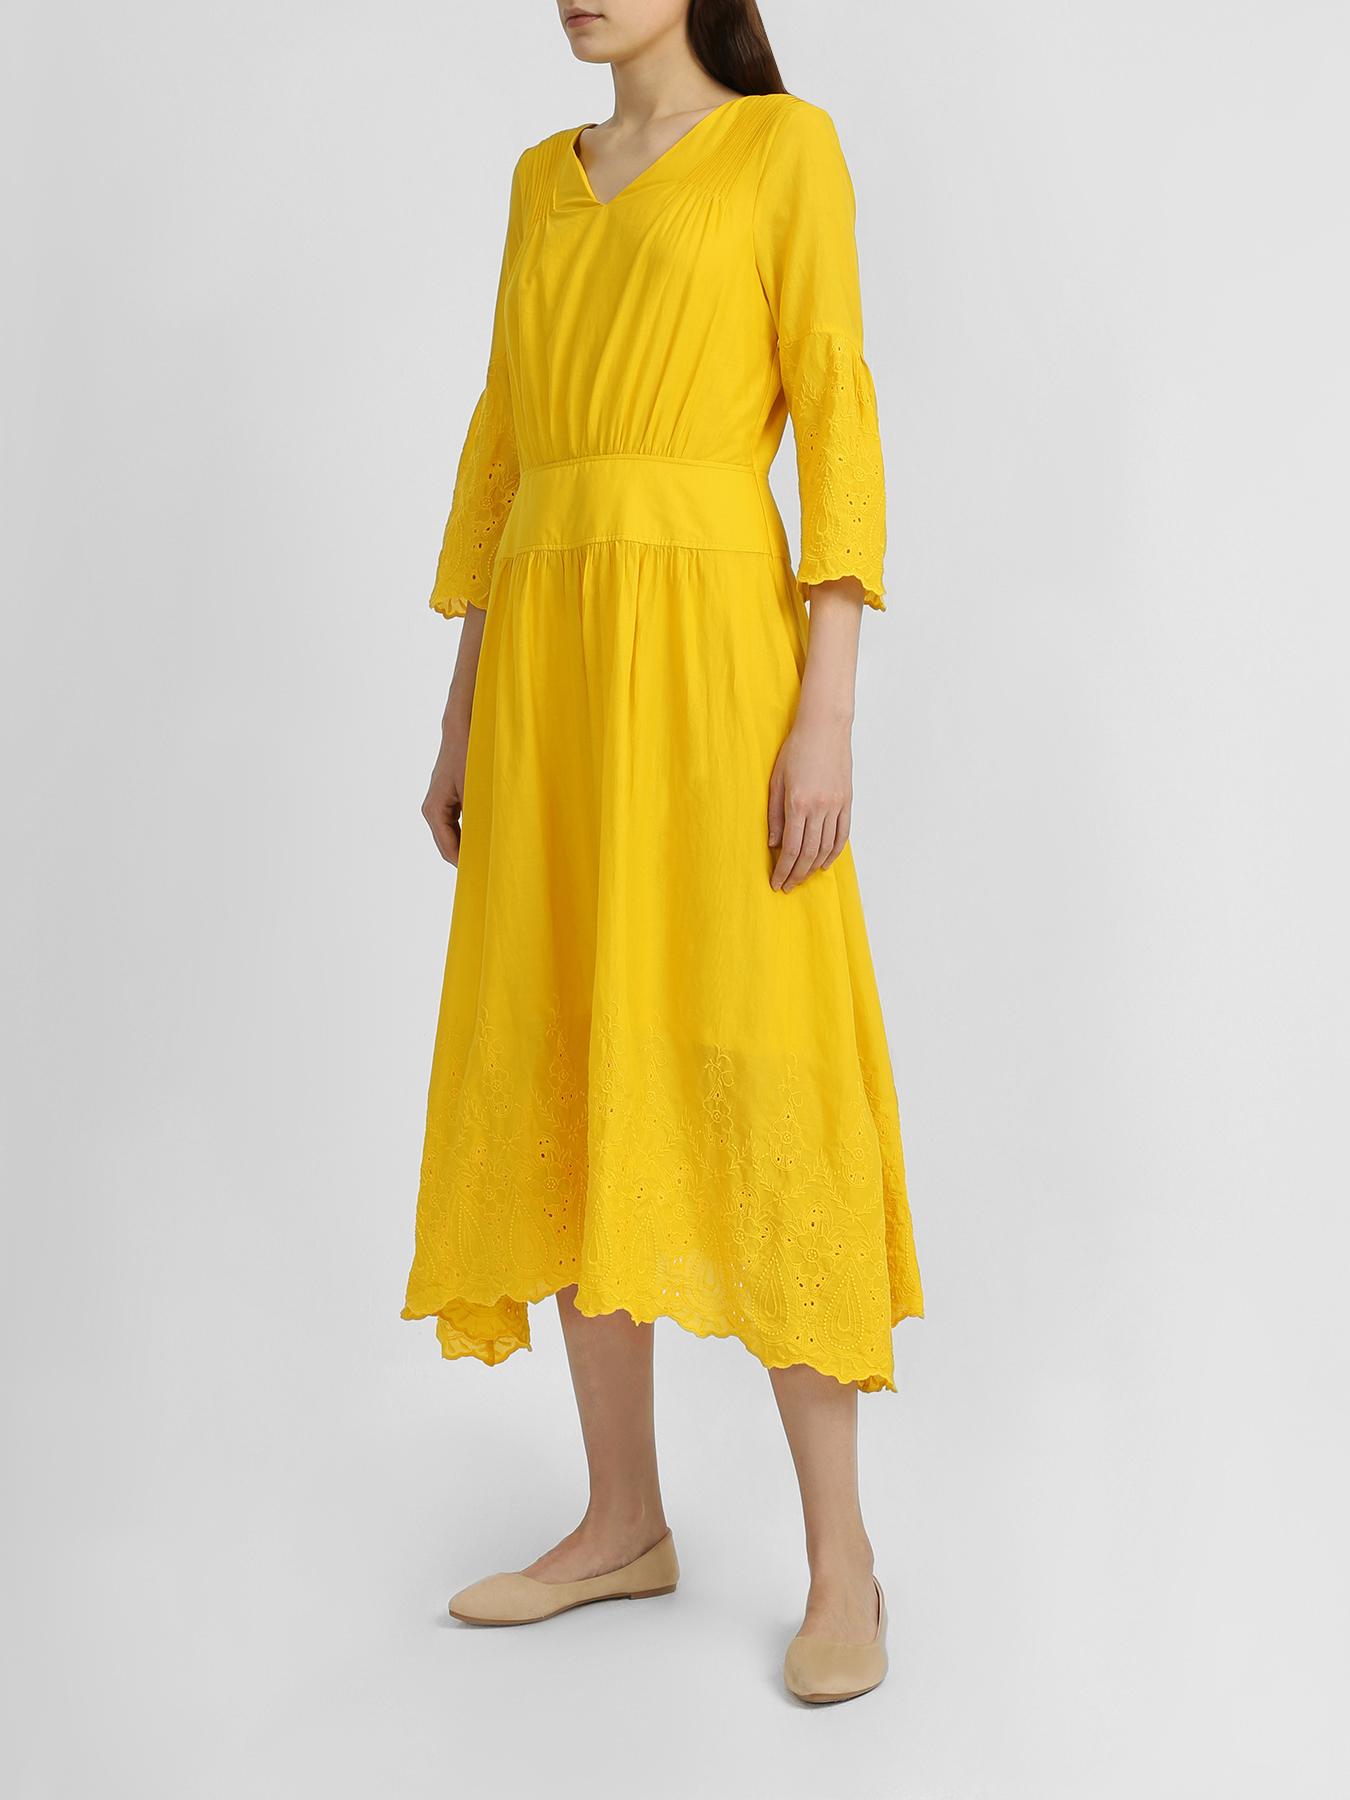 Платья Laurel Платье фото